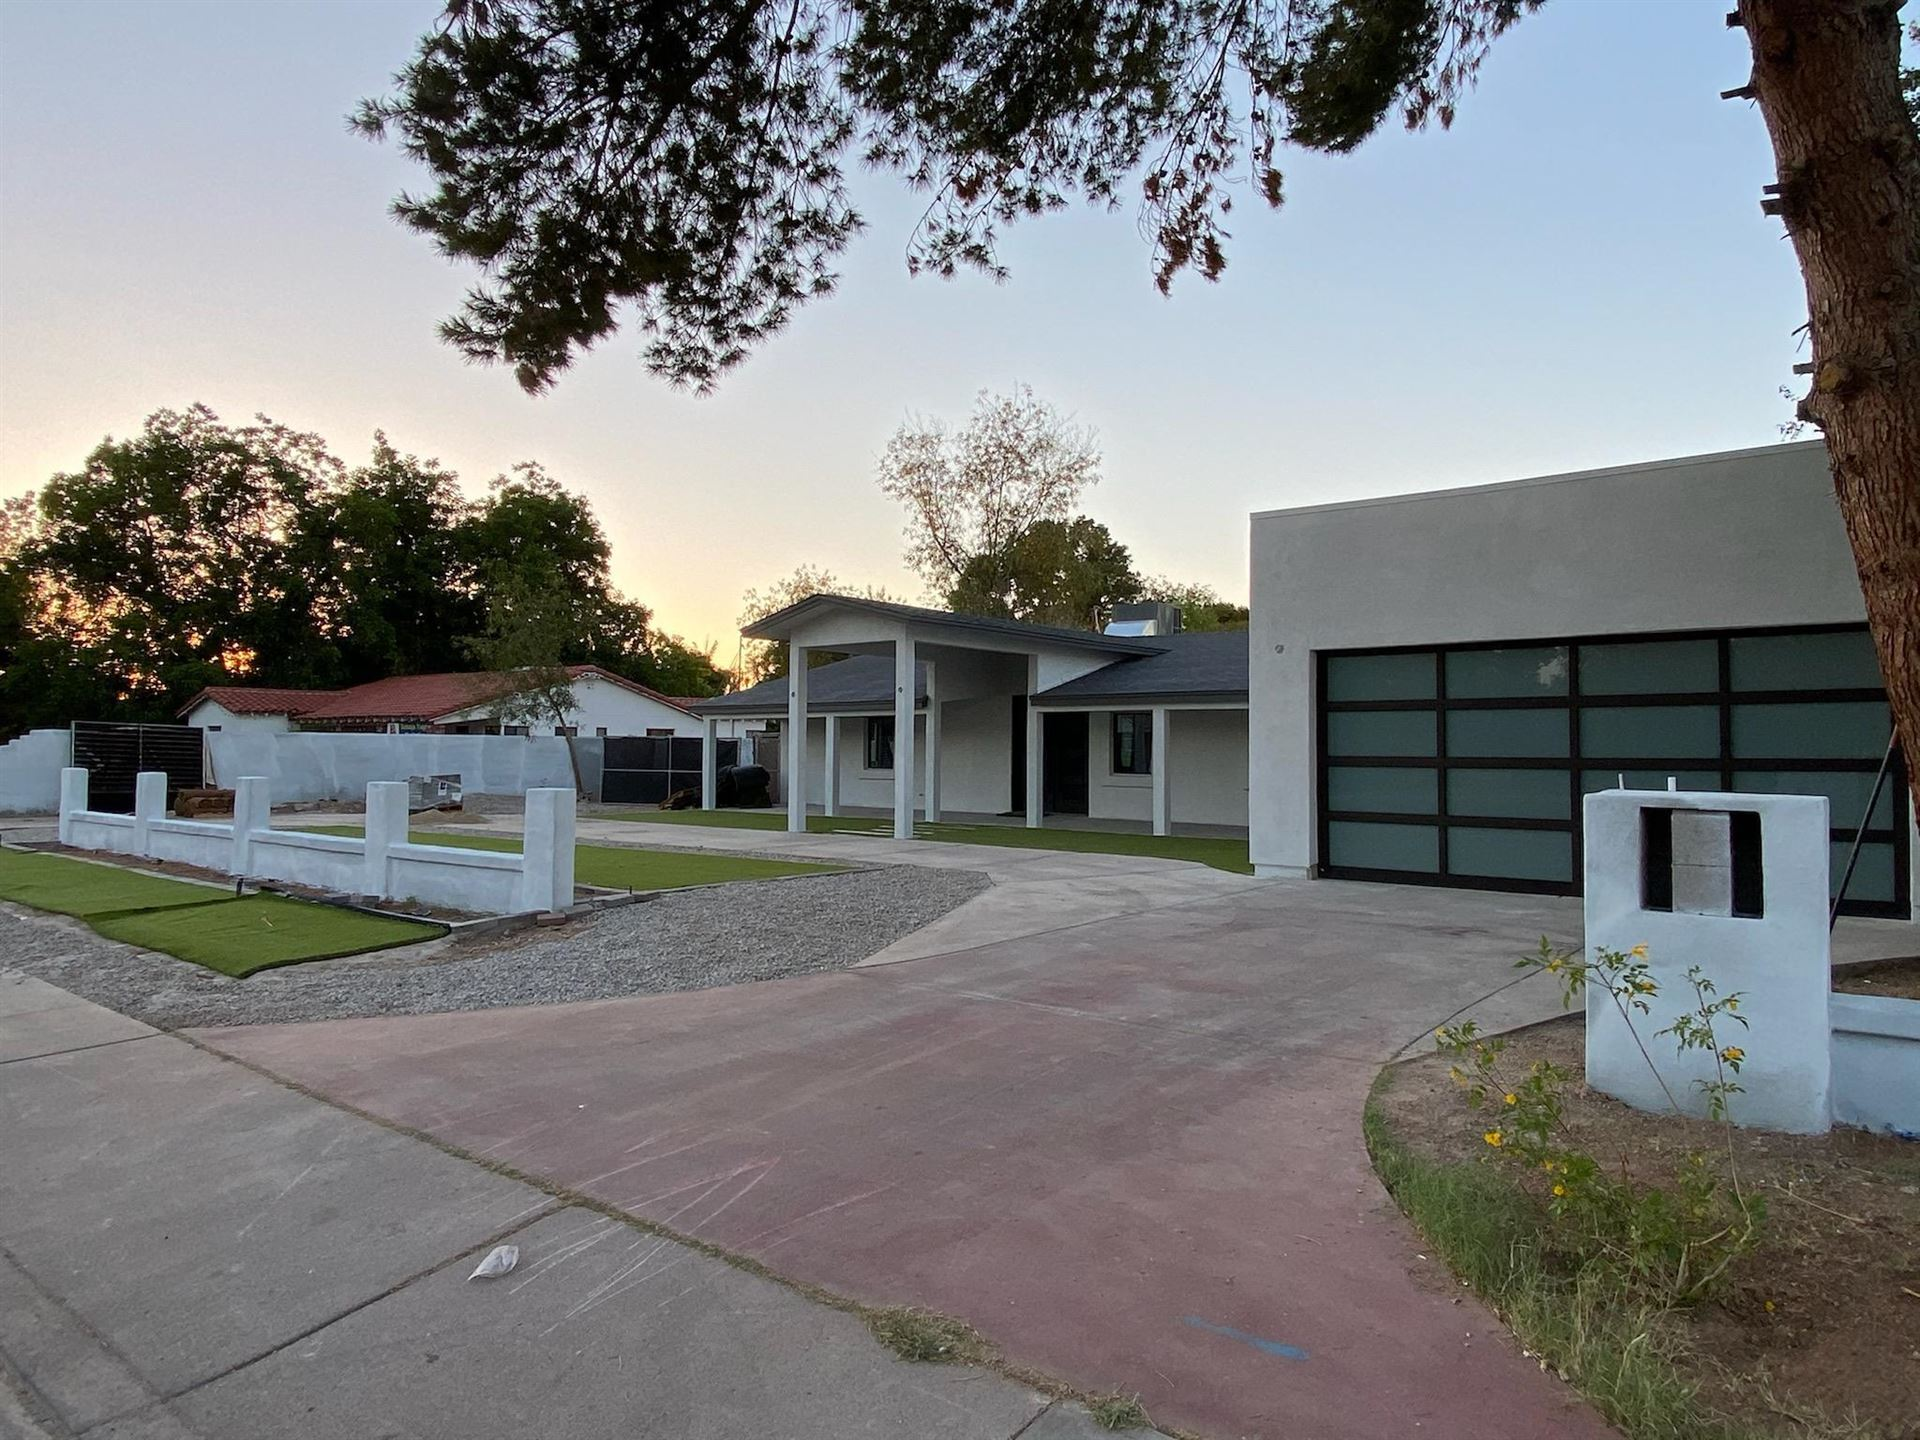 2442 E OSBORN Road, Phoenix, AZ 85016 - MLS#: 6228359